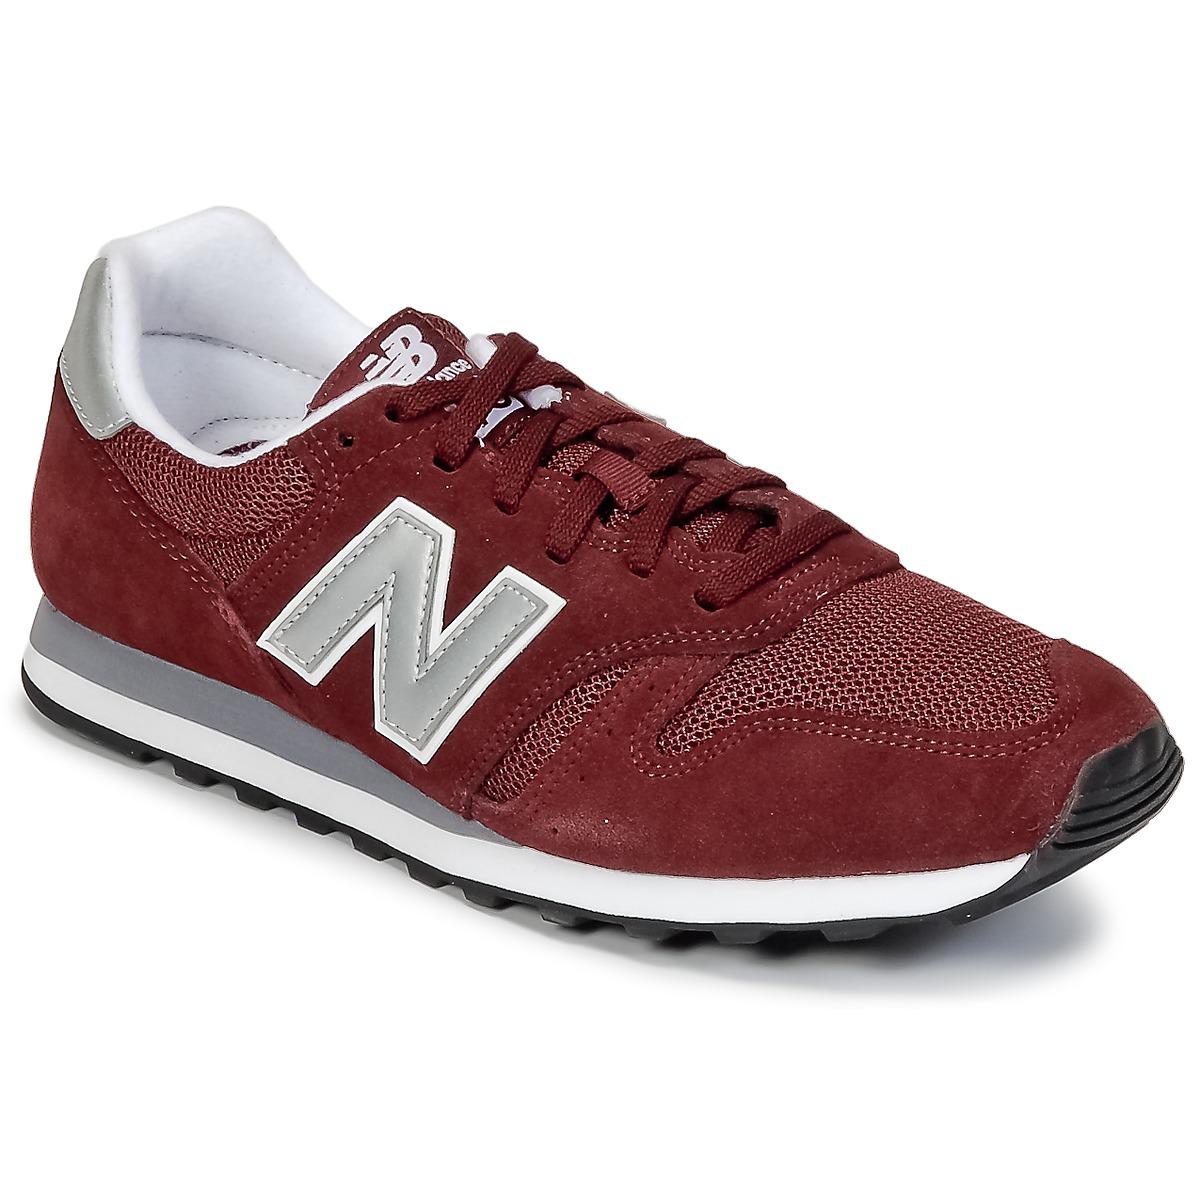 New Balance ML373 Bordeaux - Kostenloser Versand bei Spartoode ! - Schuhe Sneaker Low  59,50 €